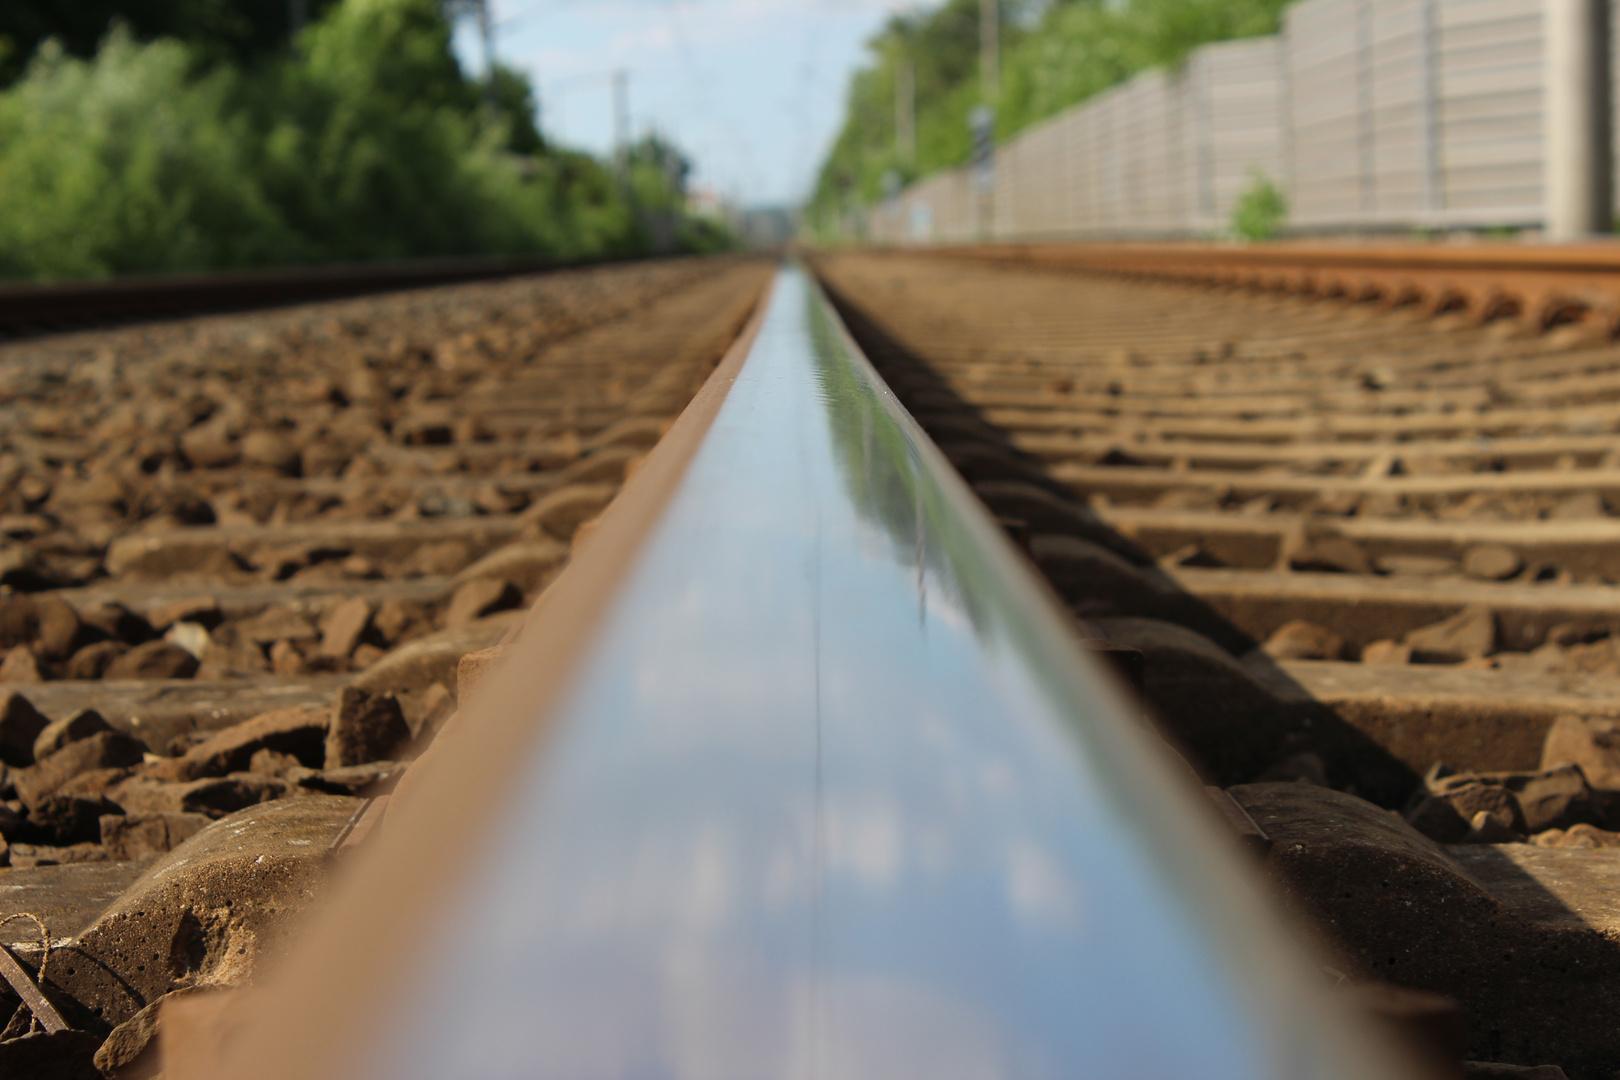 Die Bahn,wo ist die Bahn